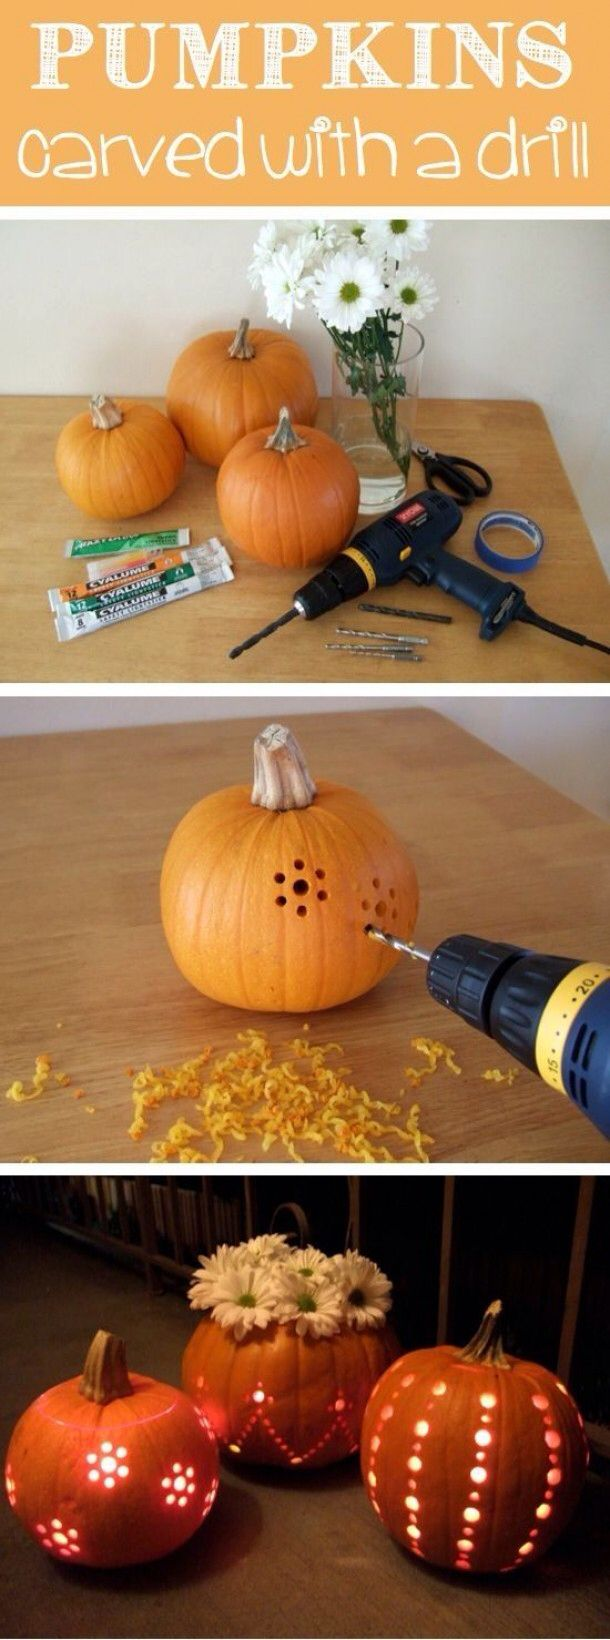 Akkubohrer mal anders nutzen? An Halloween gibt's die perfekte Möglichkeit. Und…